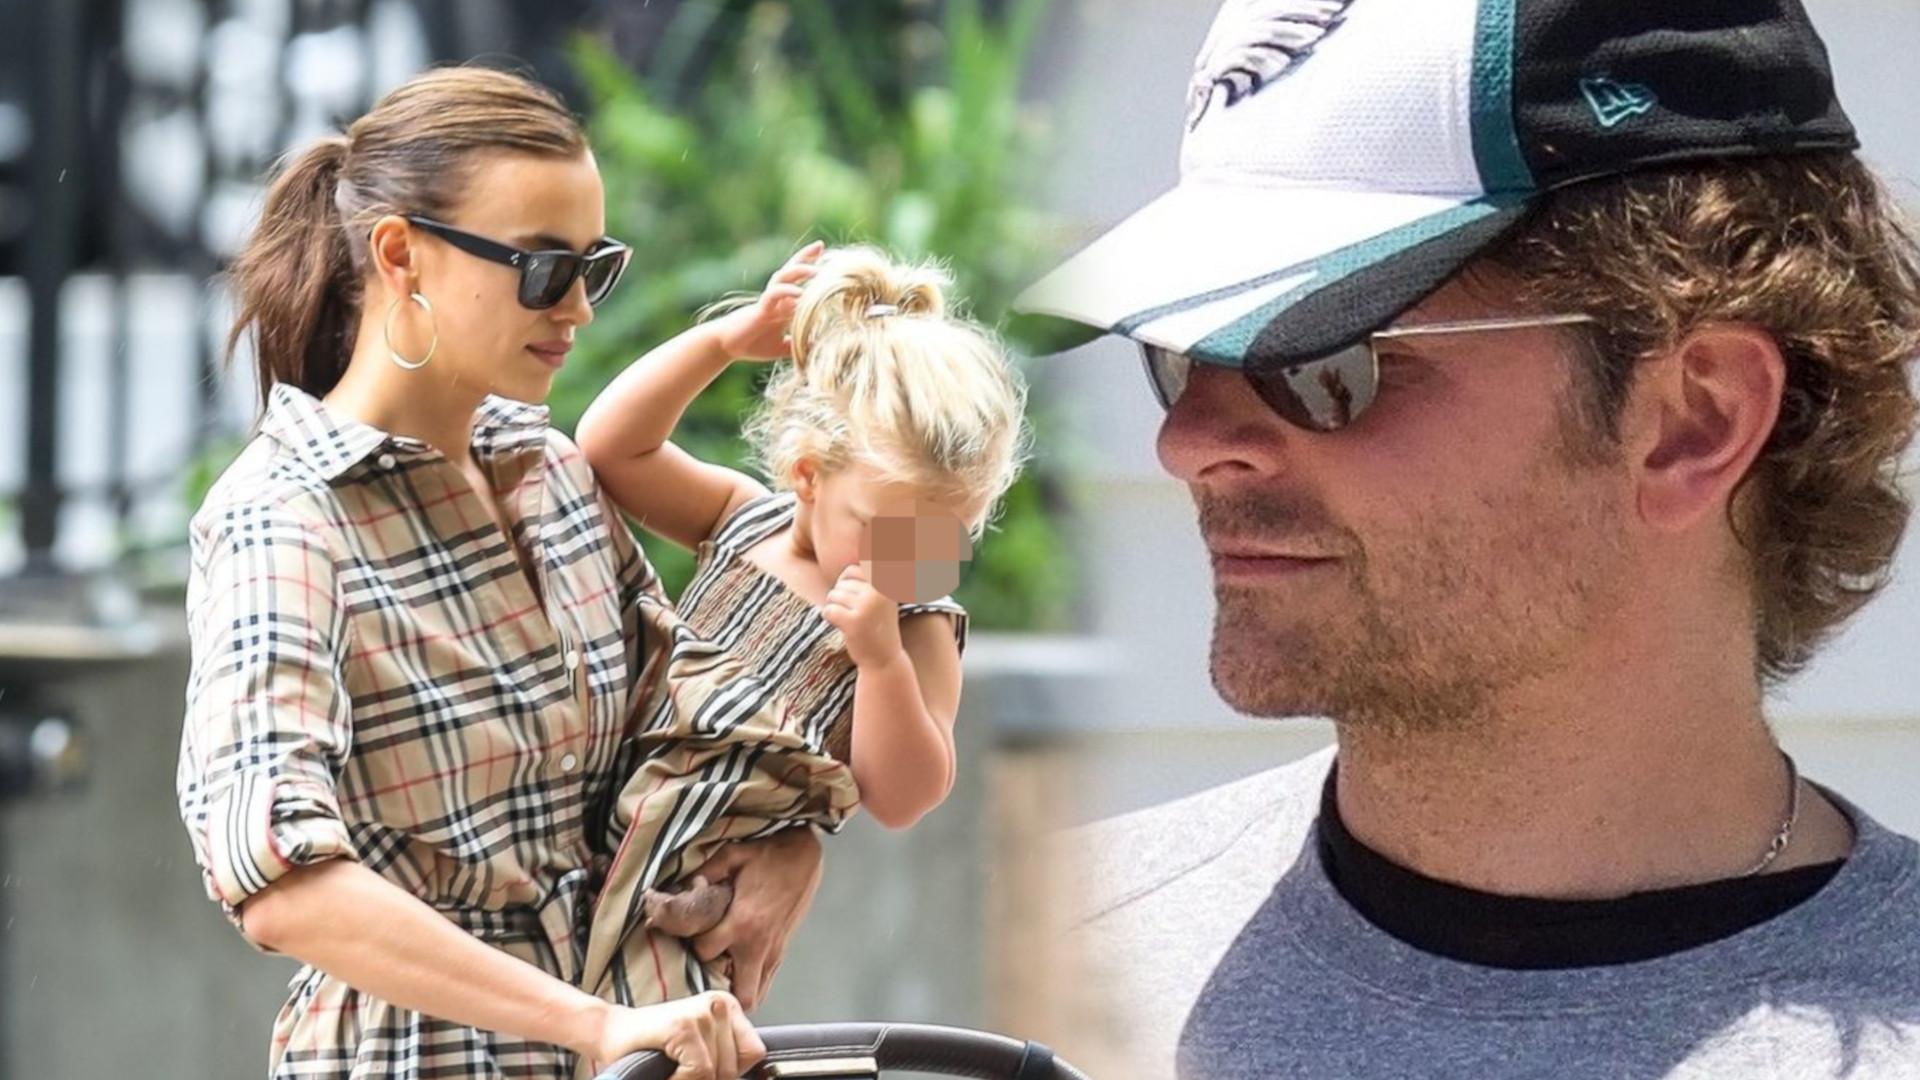 Oto najnowsza teoria, dlaczego Bradley Cooper i Irina Shayk rozstali się. Wierzycie w nią?